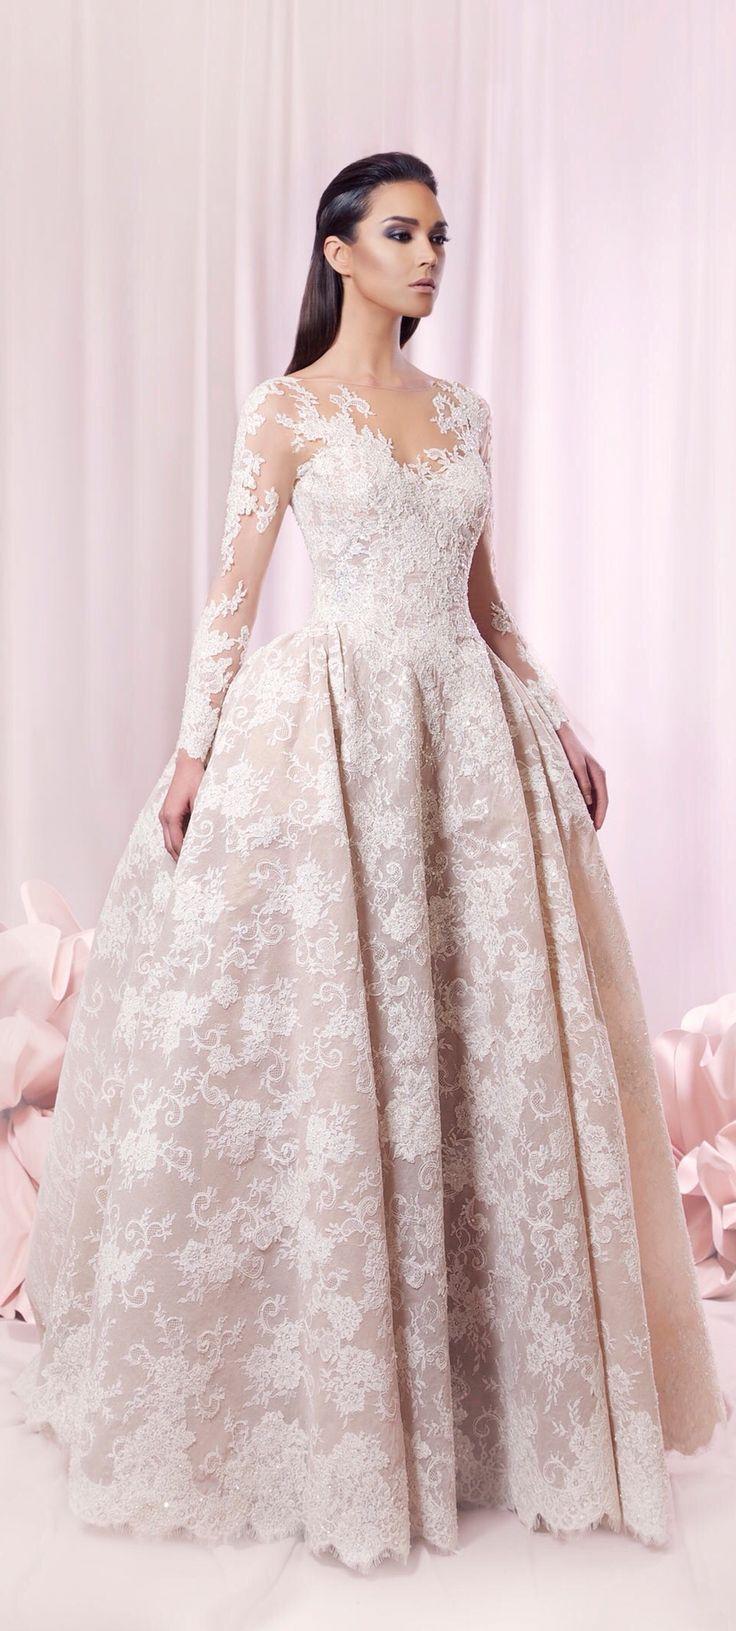 Blush Colored Tarek Sinno Haute Couture Bridal Dresses Pretty Sheer ...